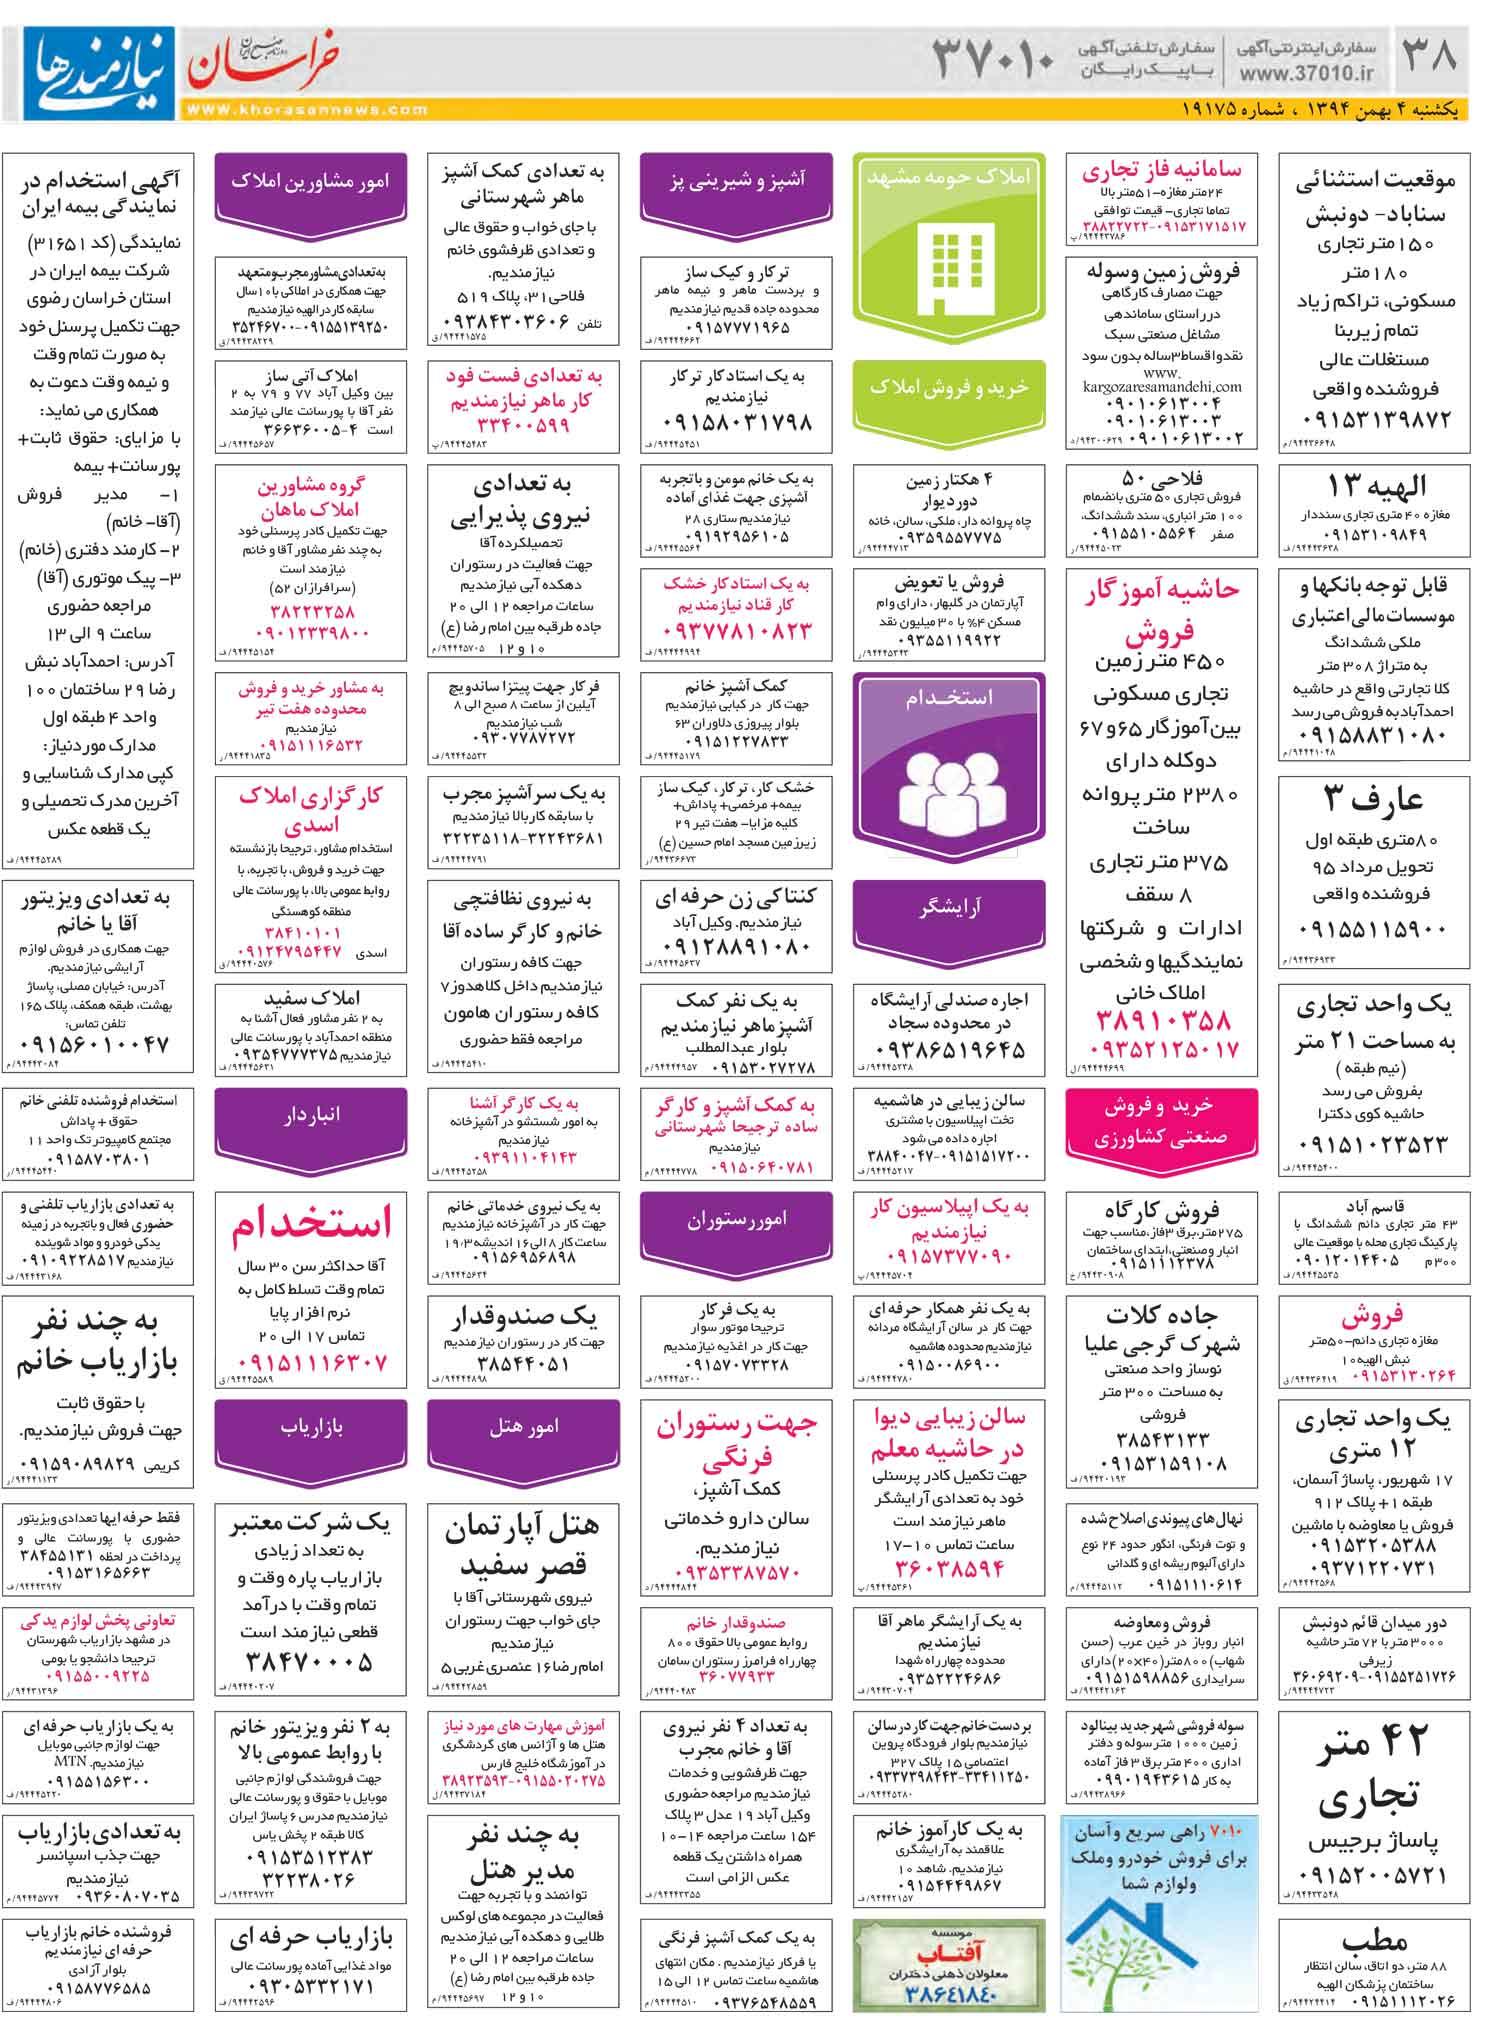 آگهی استخدامی در یکشنبه 11 بهمن 94